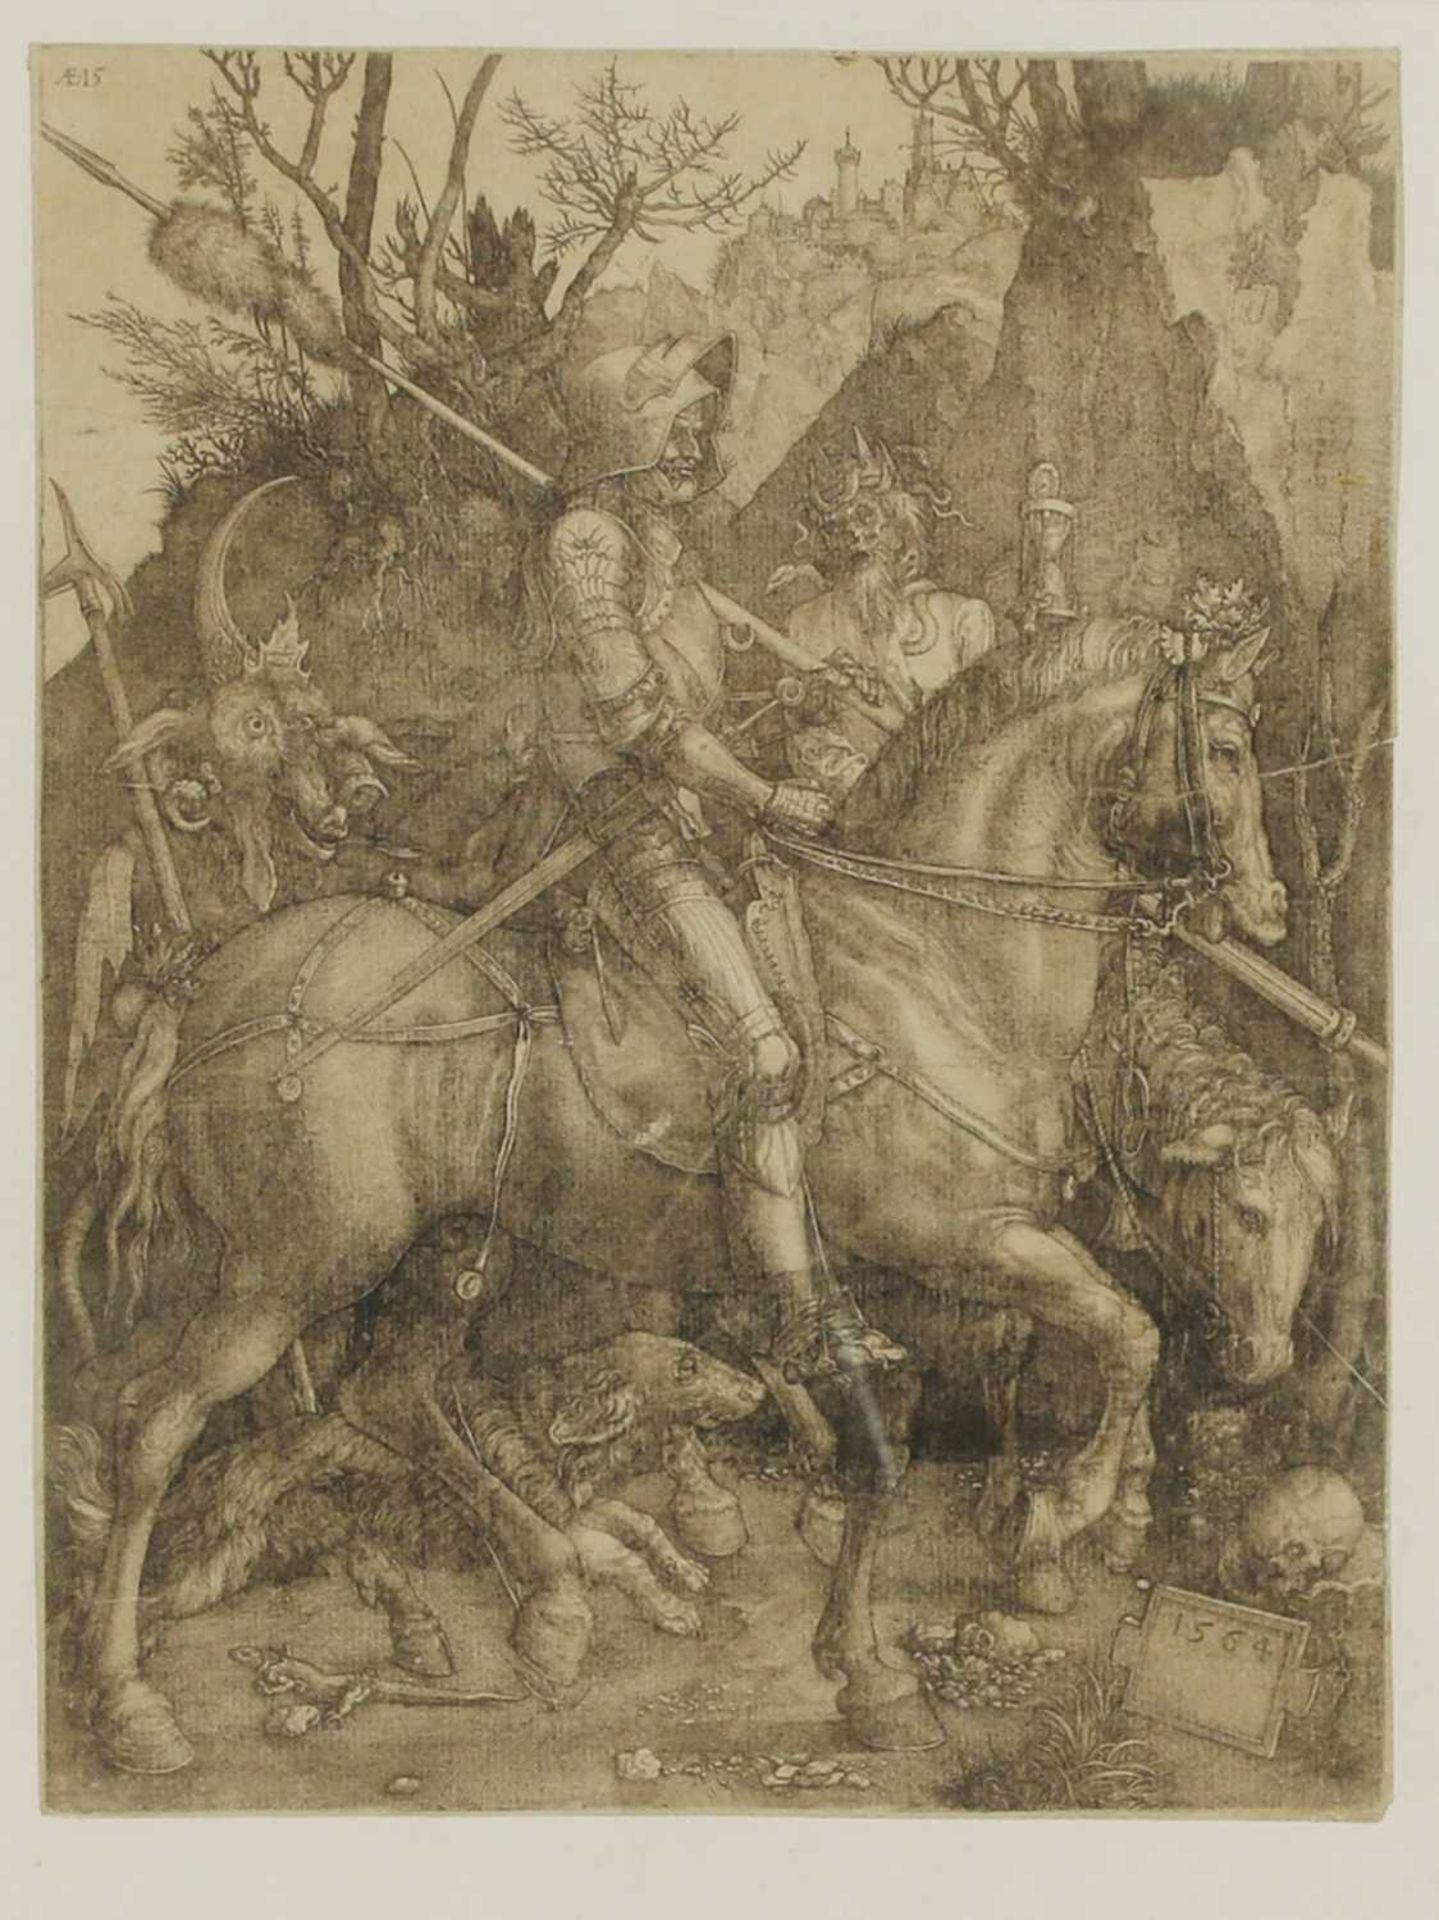 After Albrecht Dürer (German, 1471-1528)